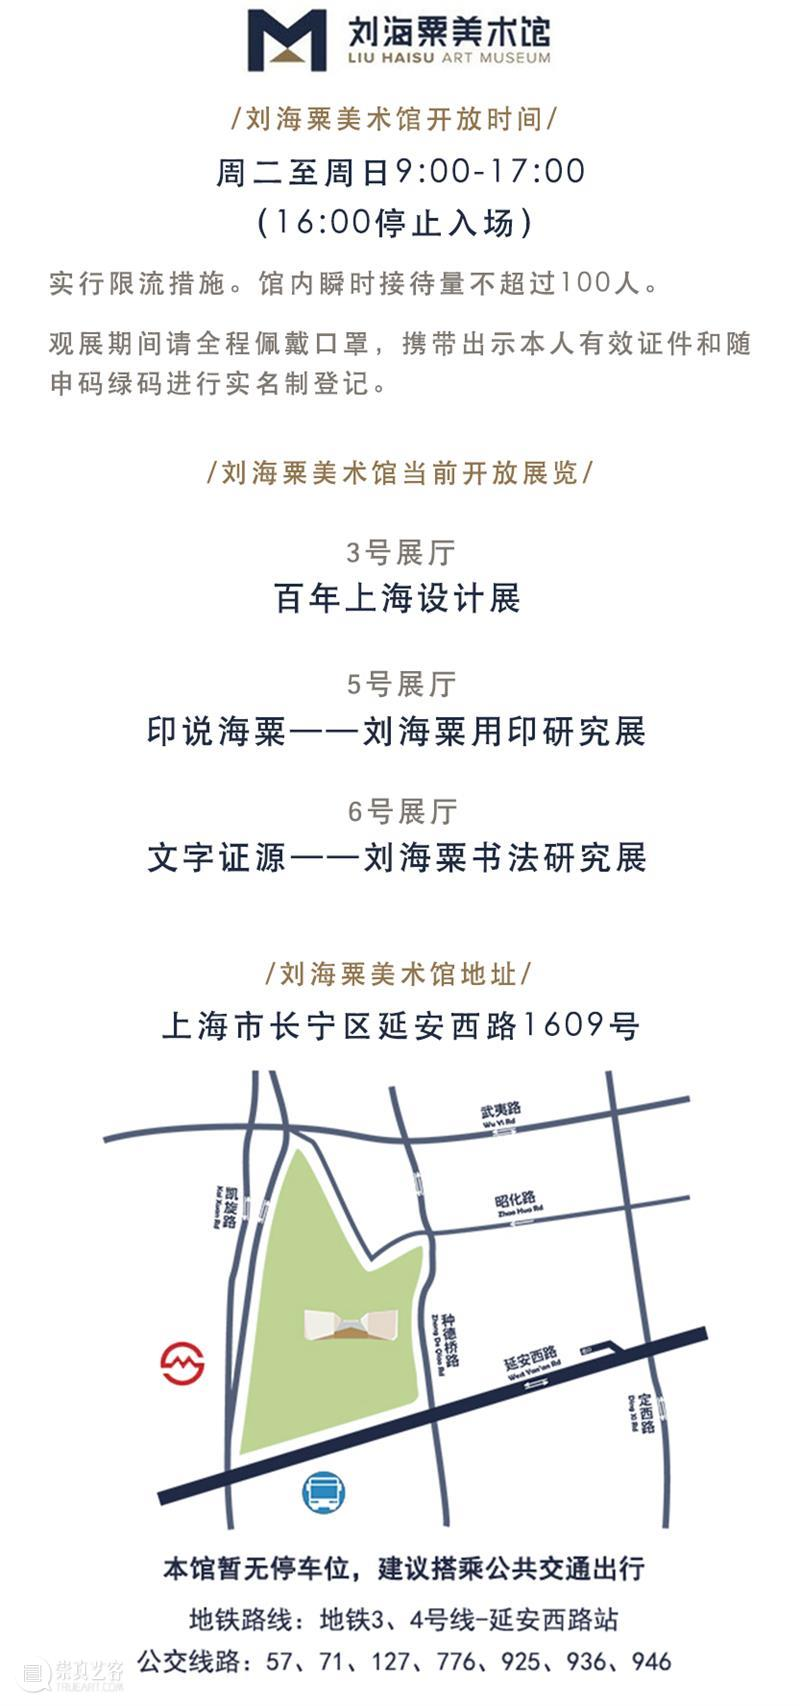 公告丨刘海粟美术馆参观需知 刘海粟美术馆 公告 文化 行业 系统 疫情 工作 要求 观众 时间 崇真艺客